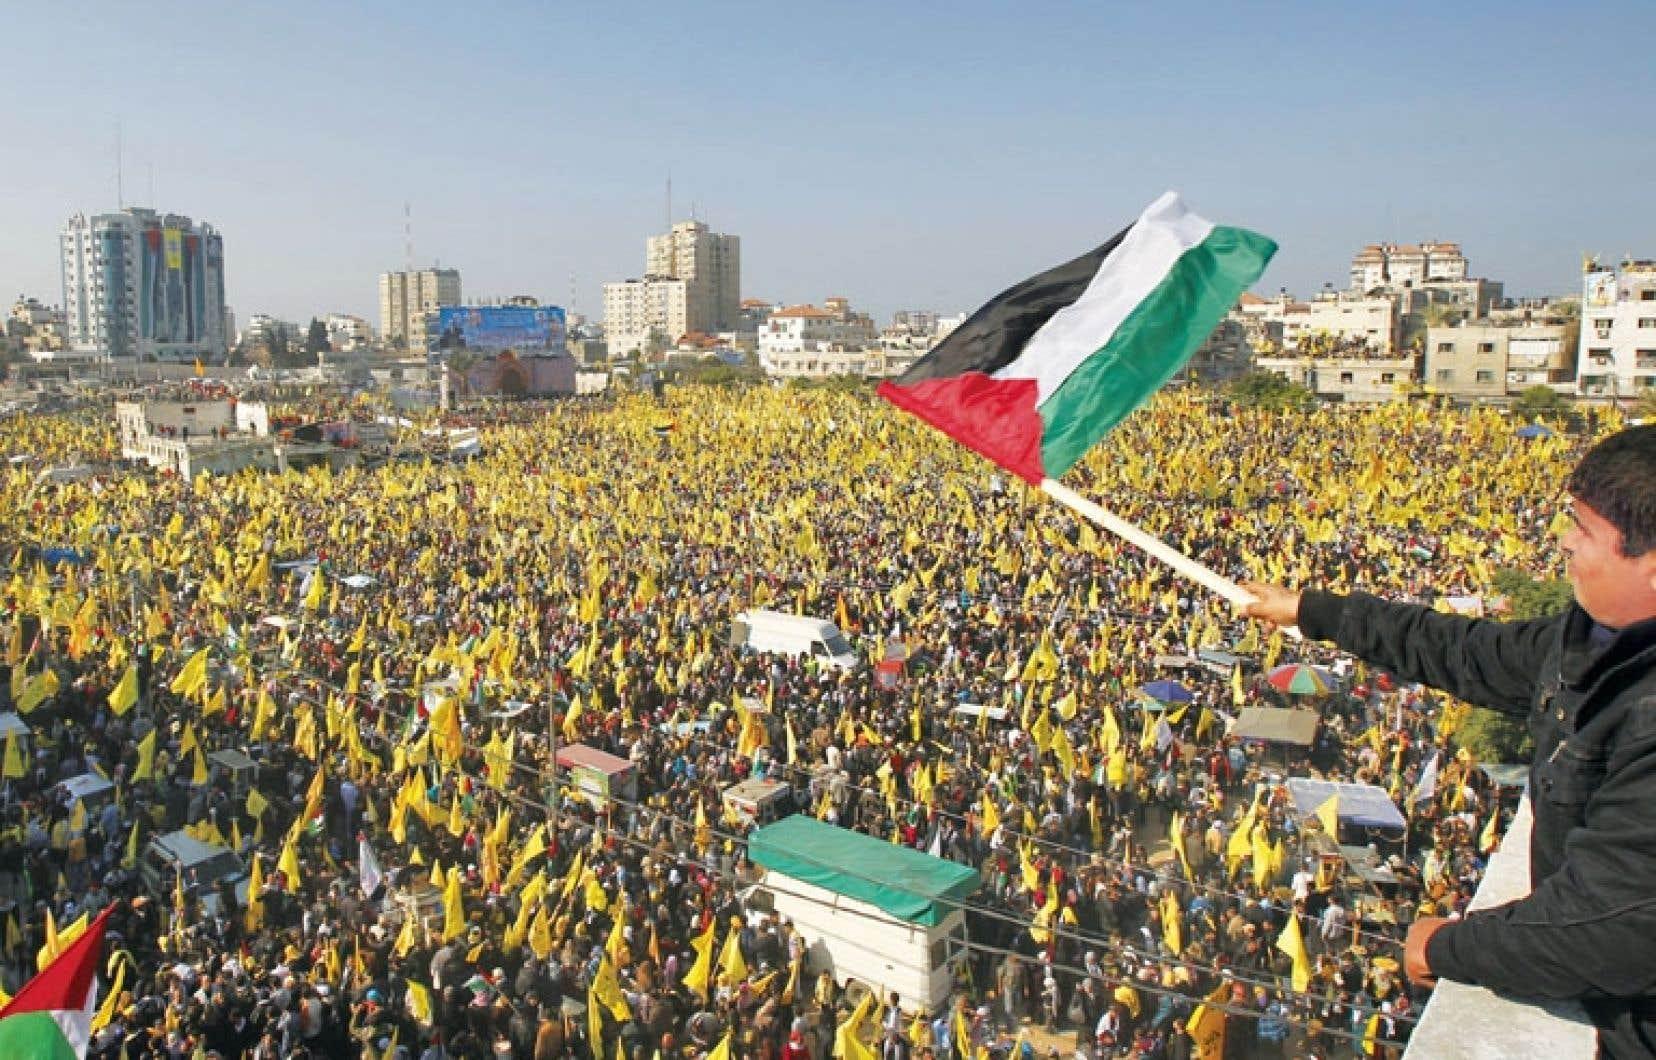 <div> Les participants, dont un grand nombre de femmes et d'enfants, brandissaient les étendards jaunes du mouvement</div>